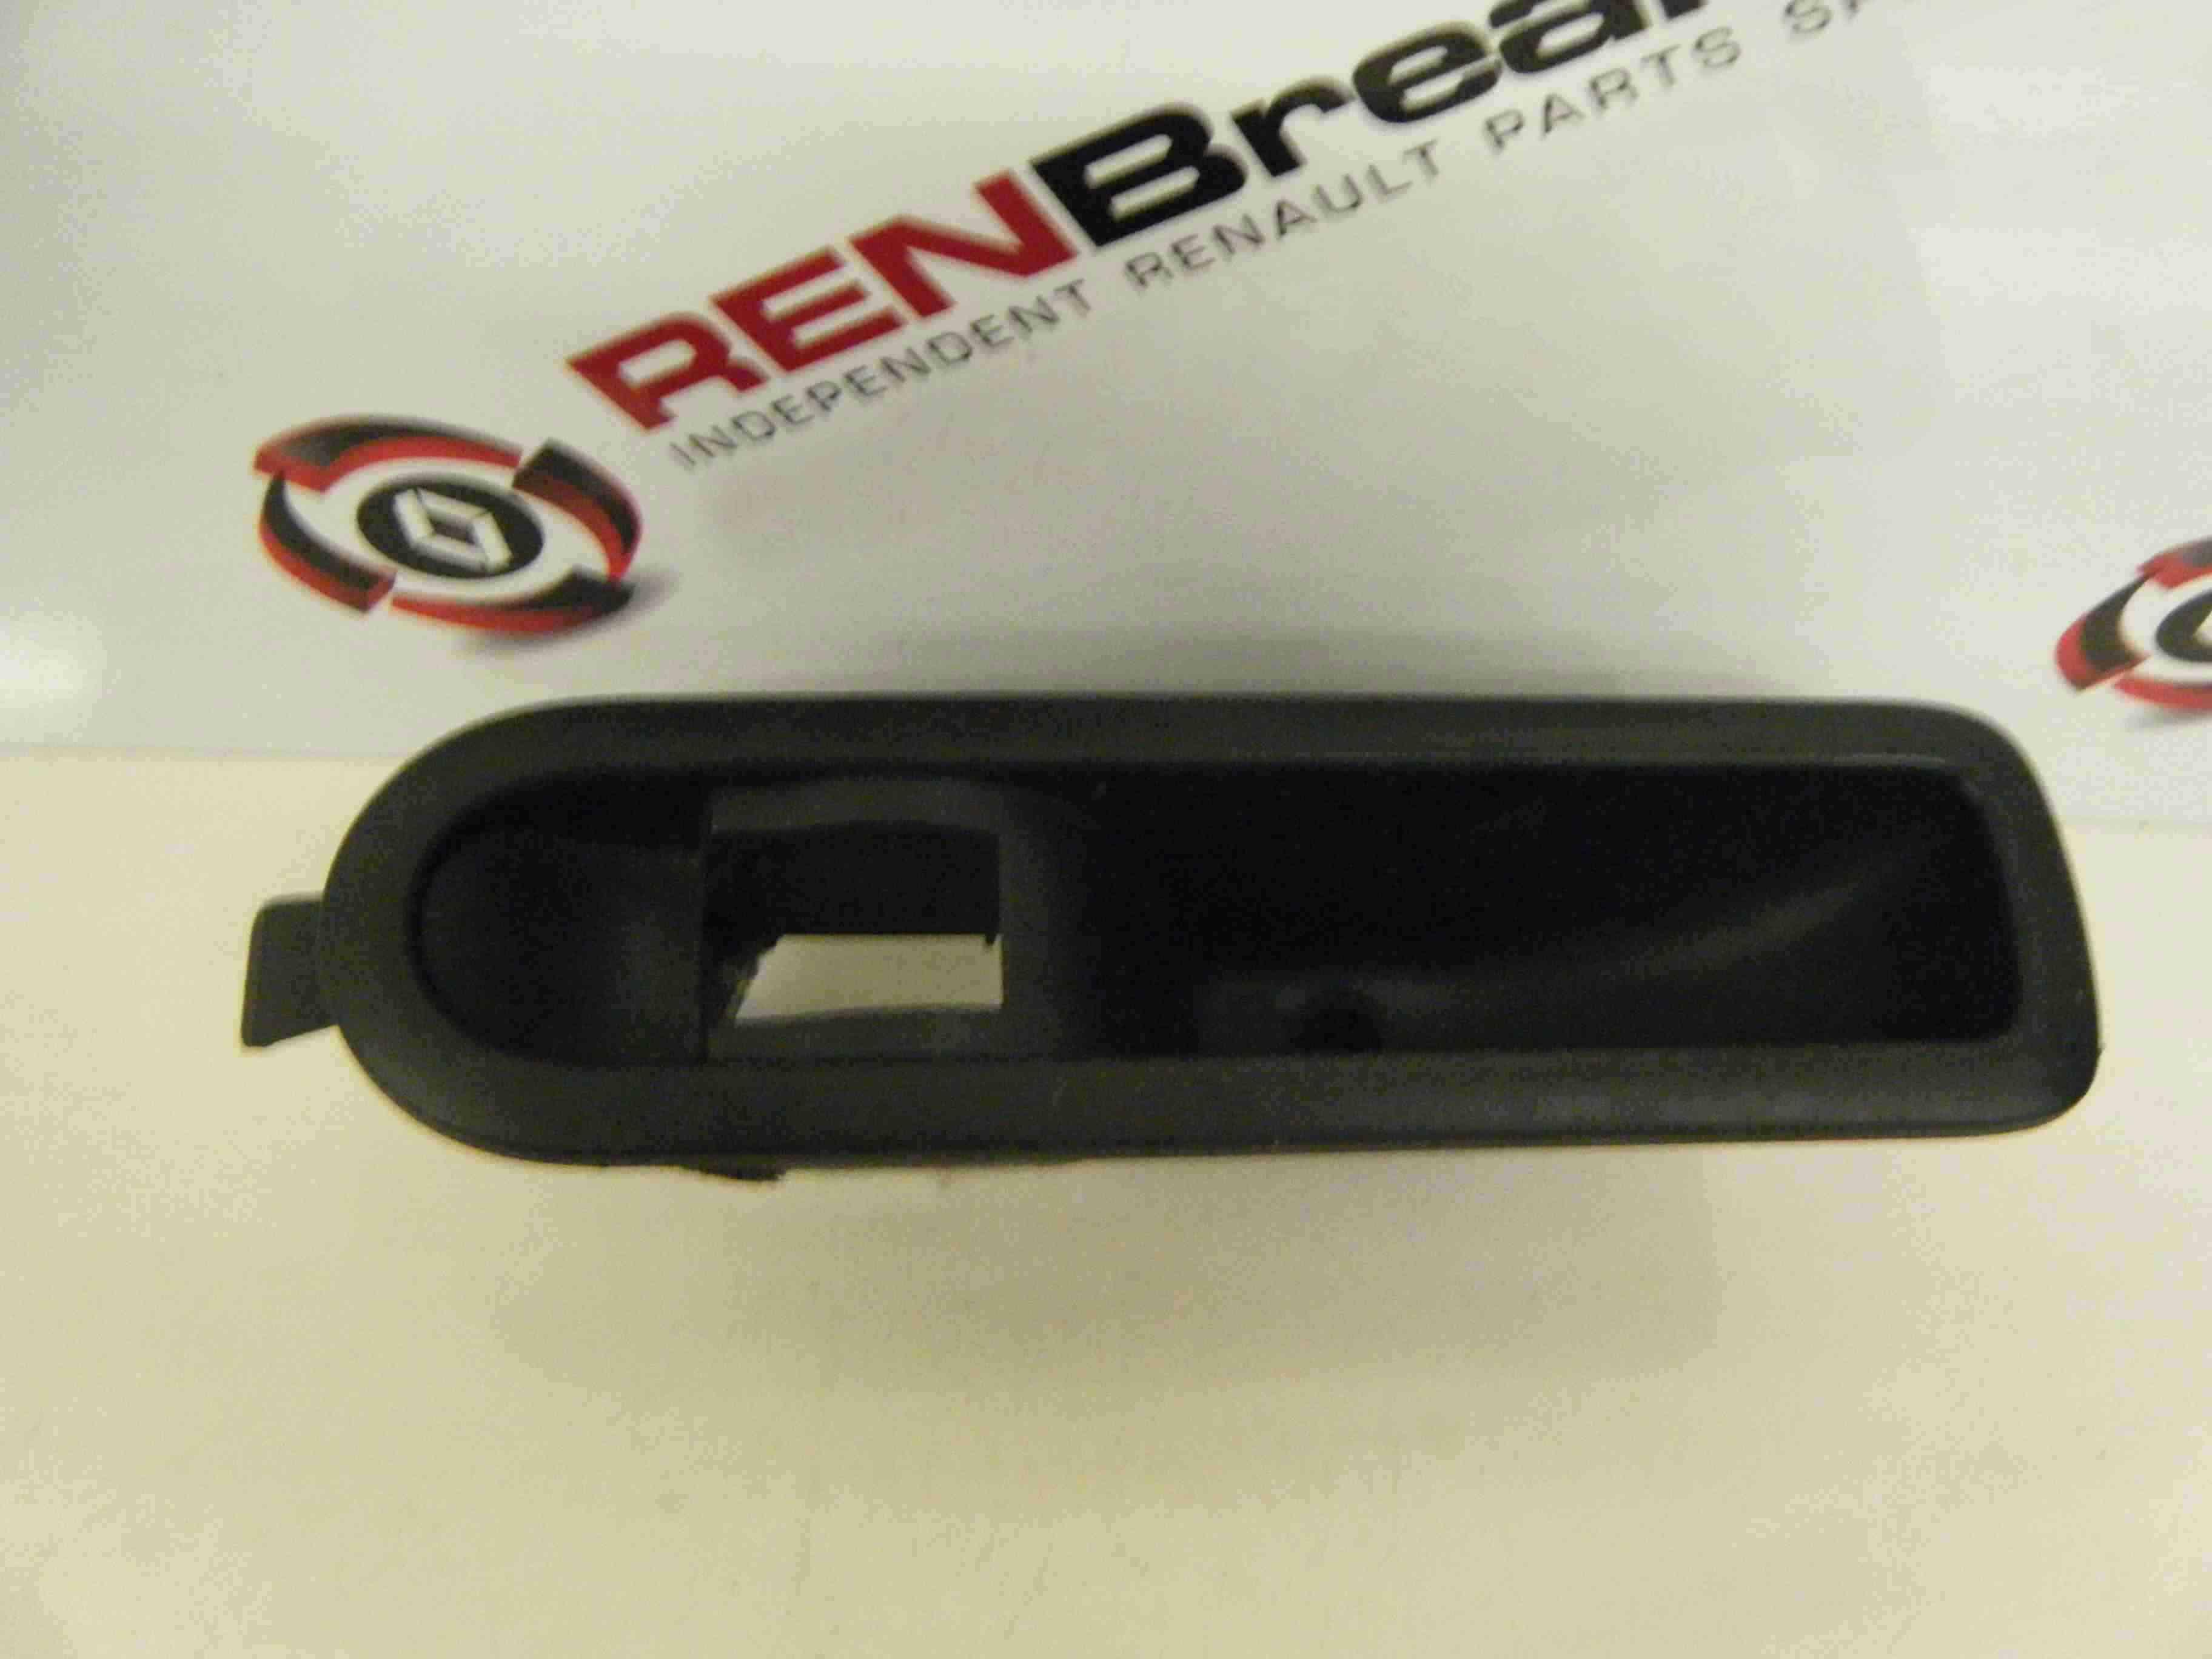 Renault Megane Scenic 2003-2009 Passenger Drivers Rear Door Handle Open Pull